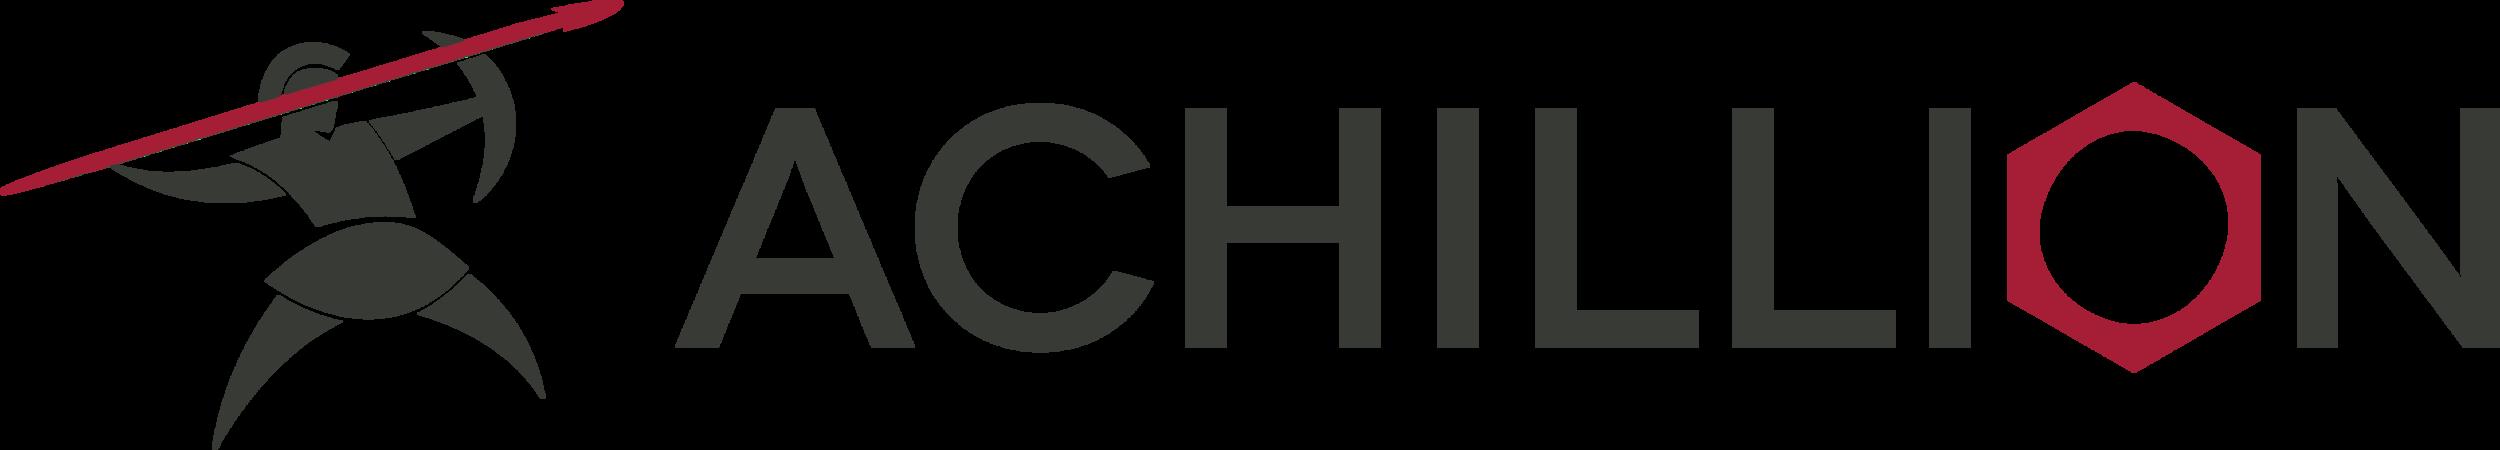 achillion-color-logo.png